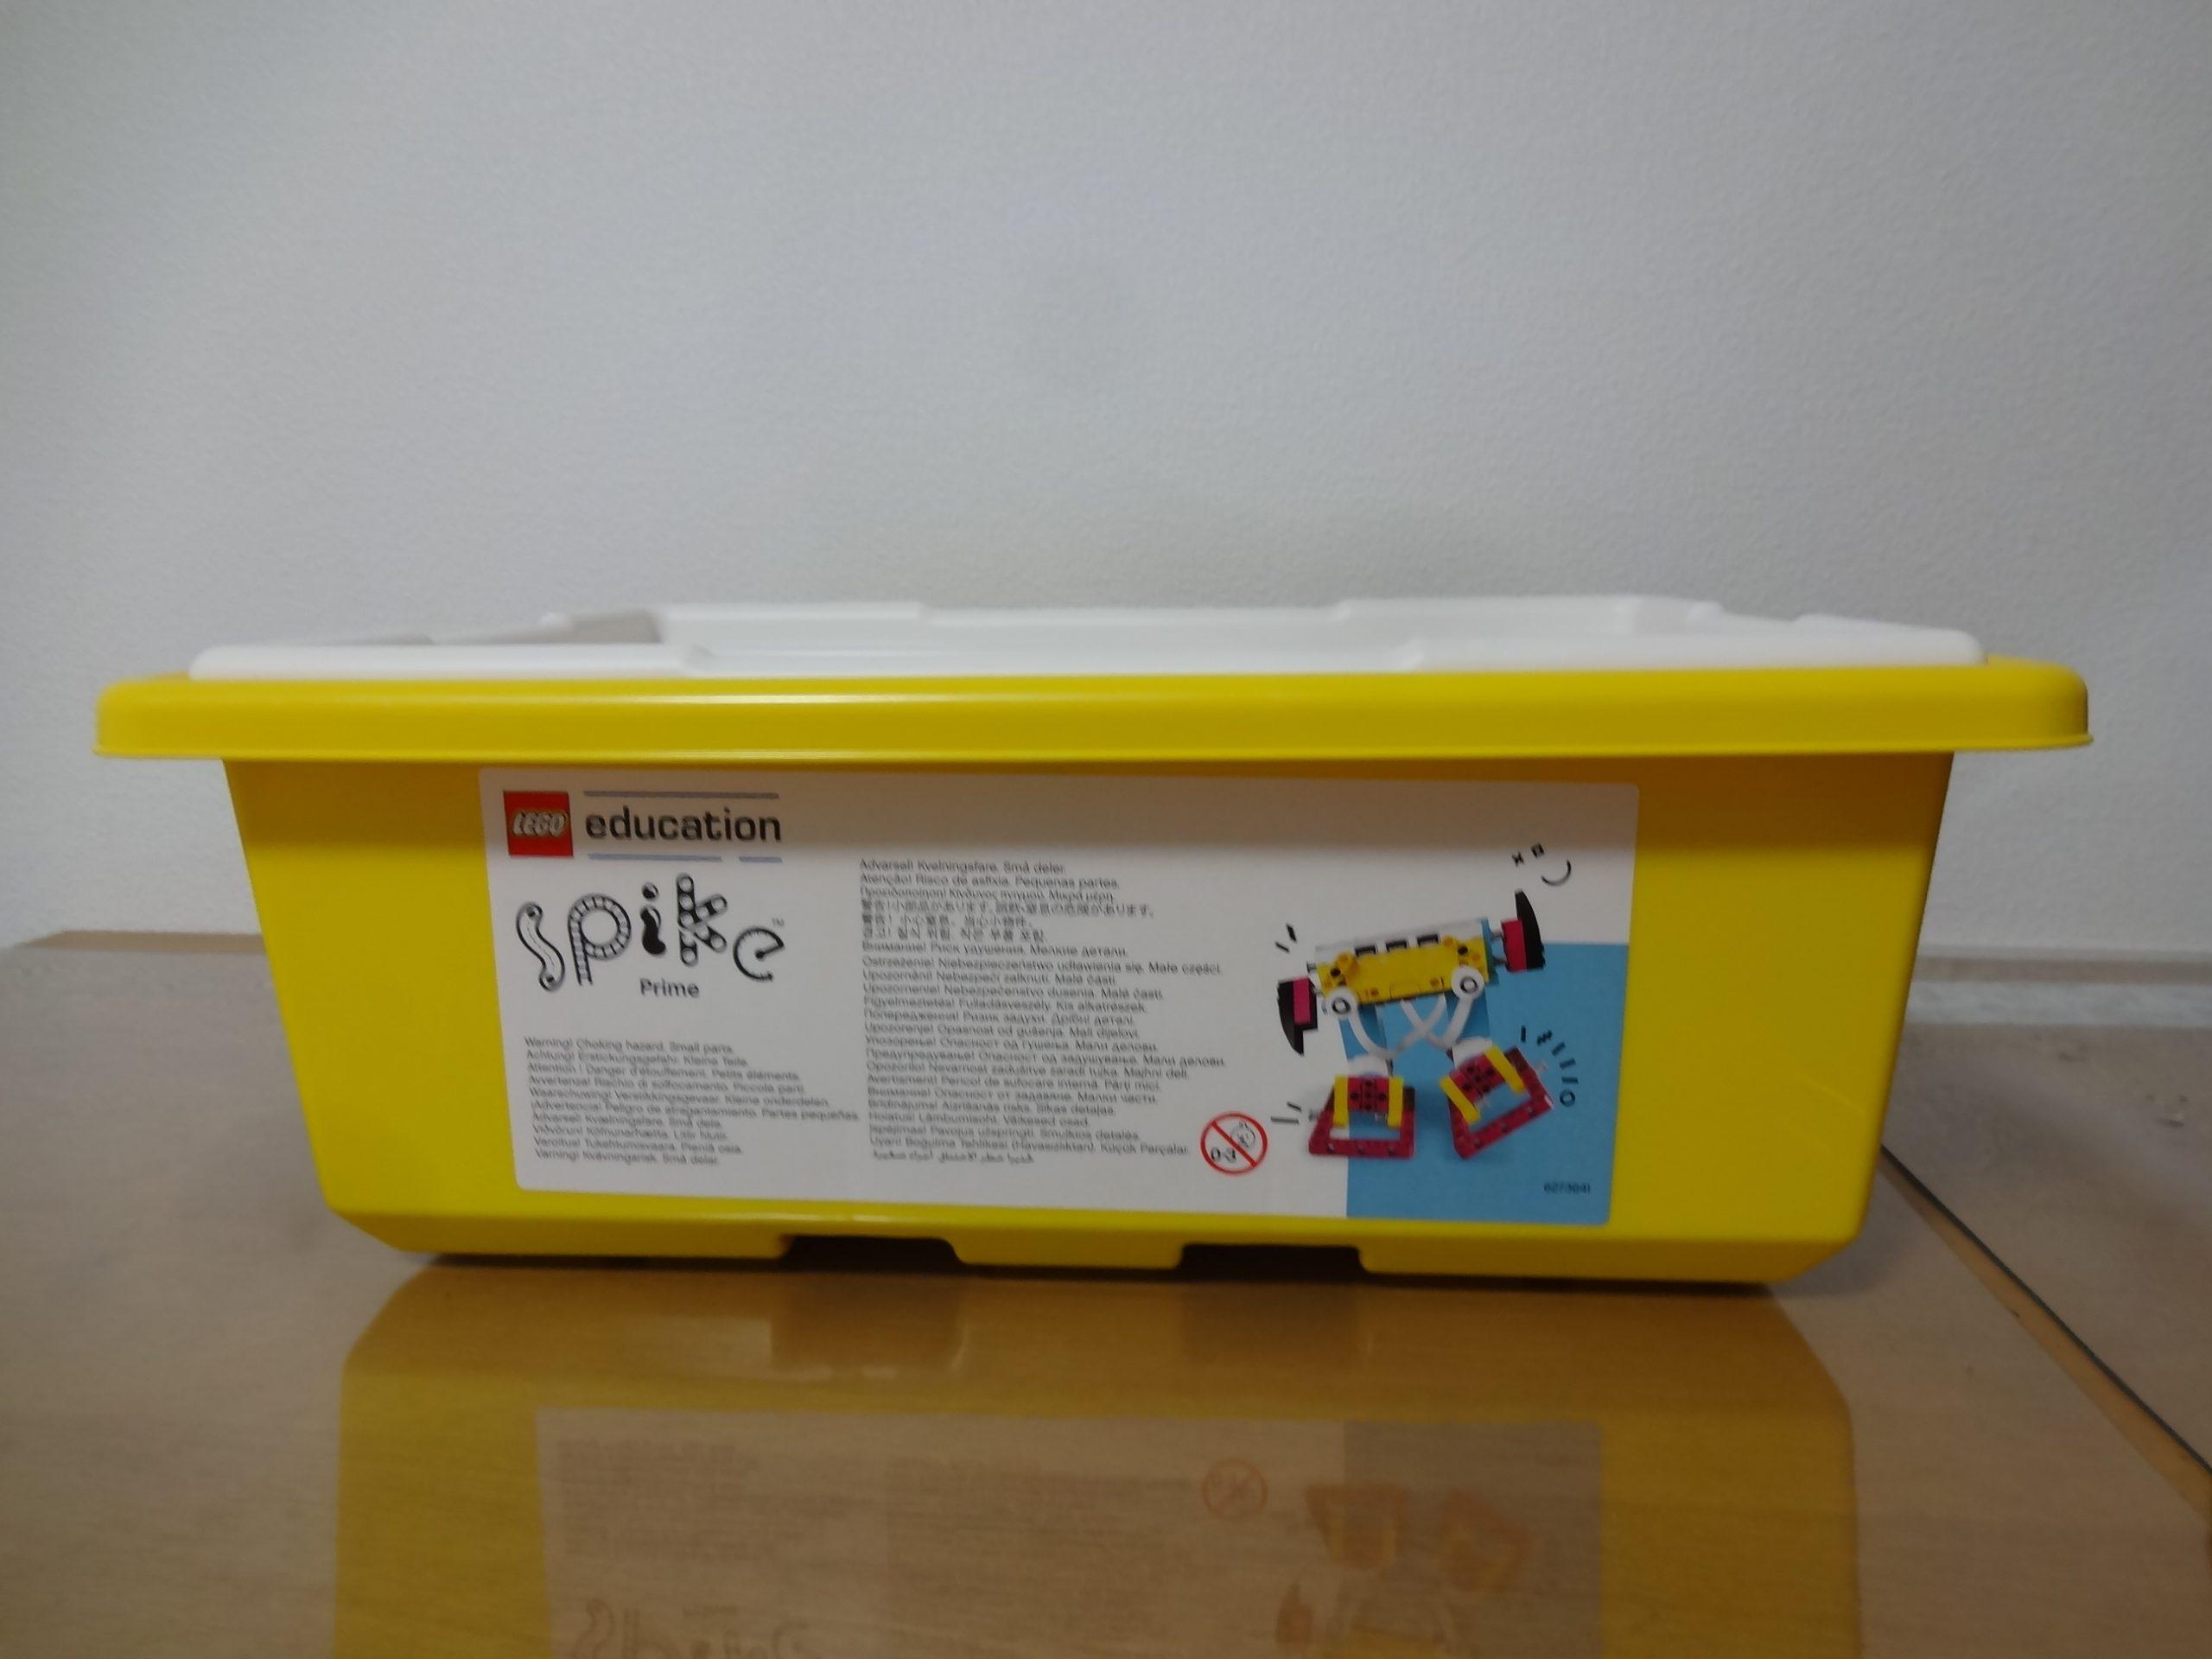 【#1】LEGO SPIKE™ プライムを開封してみよう